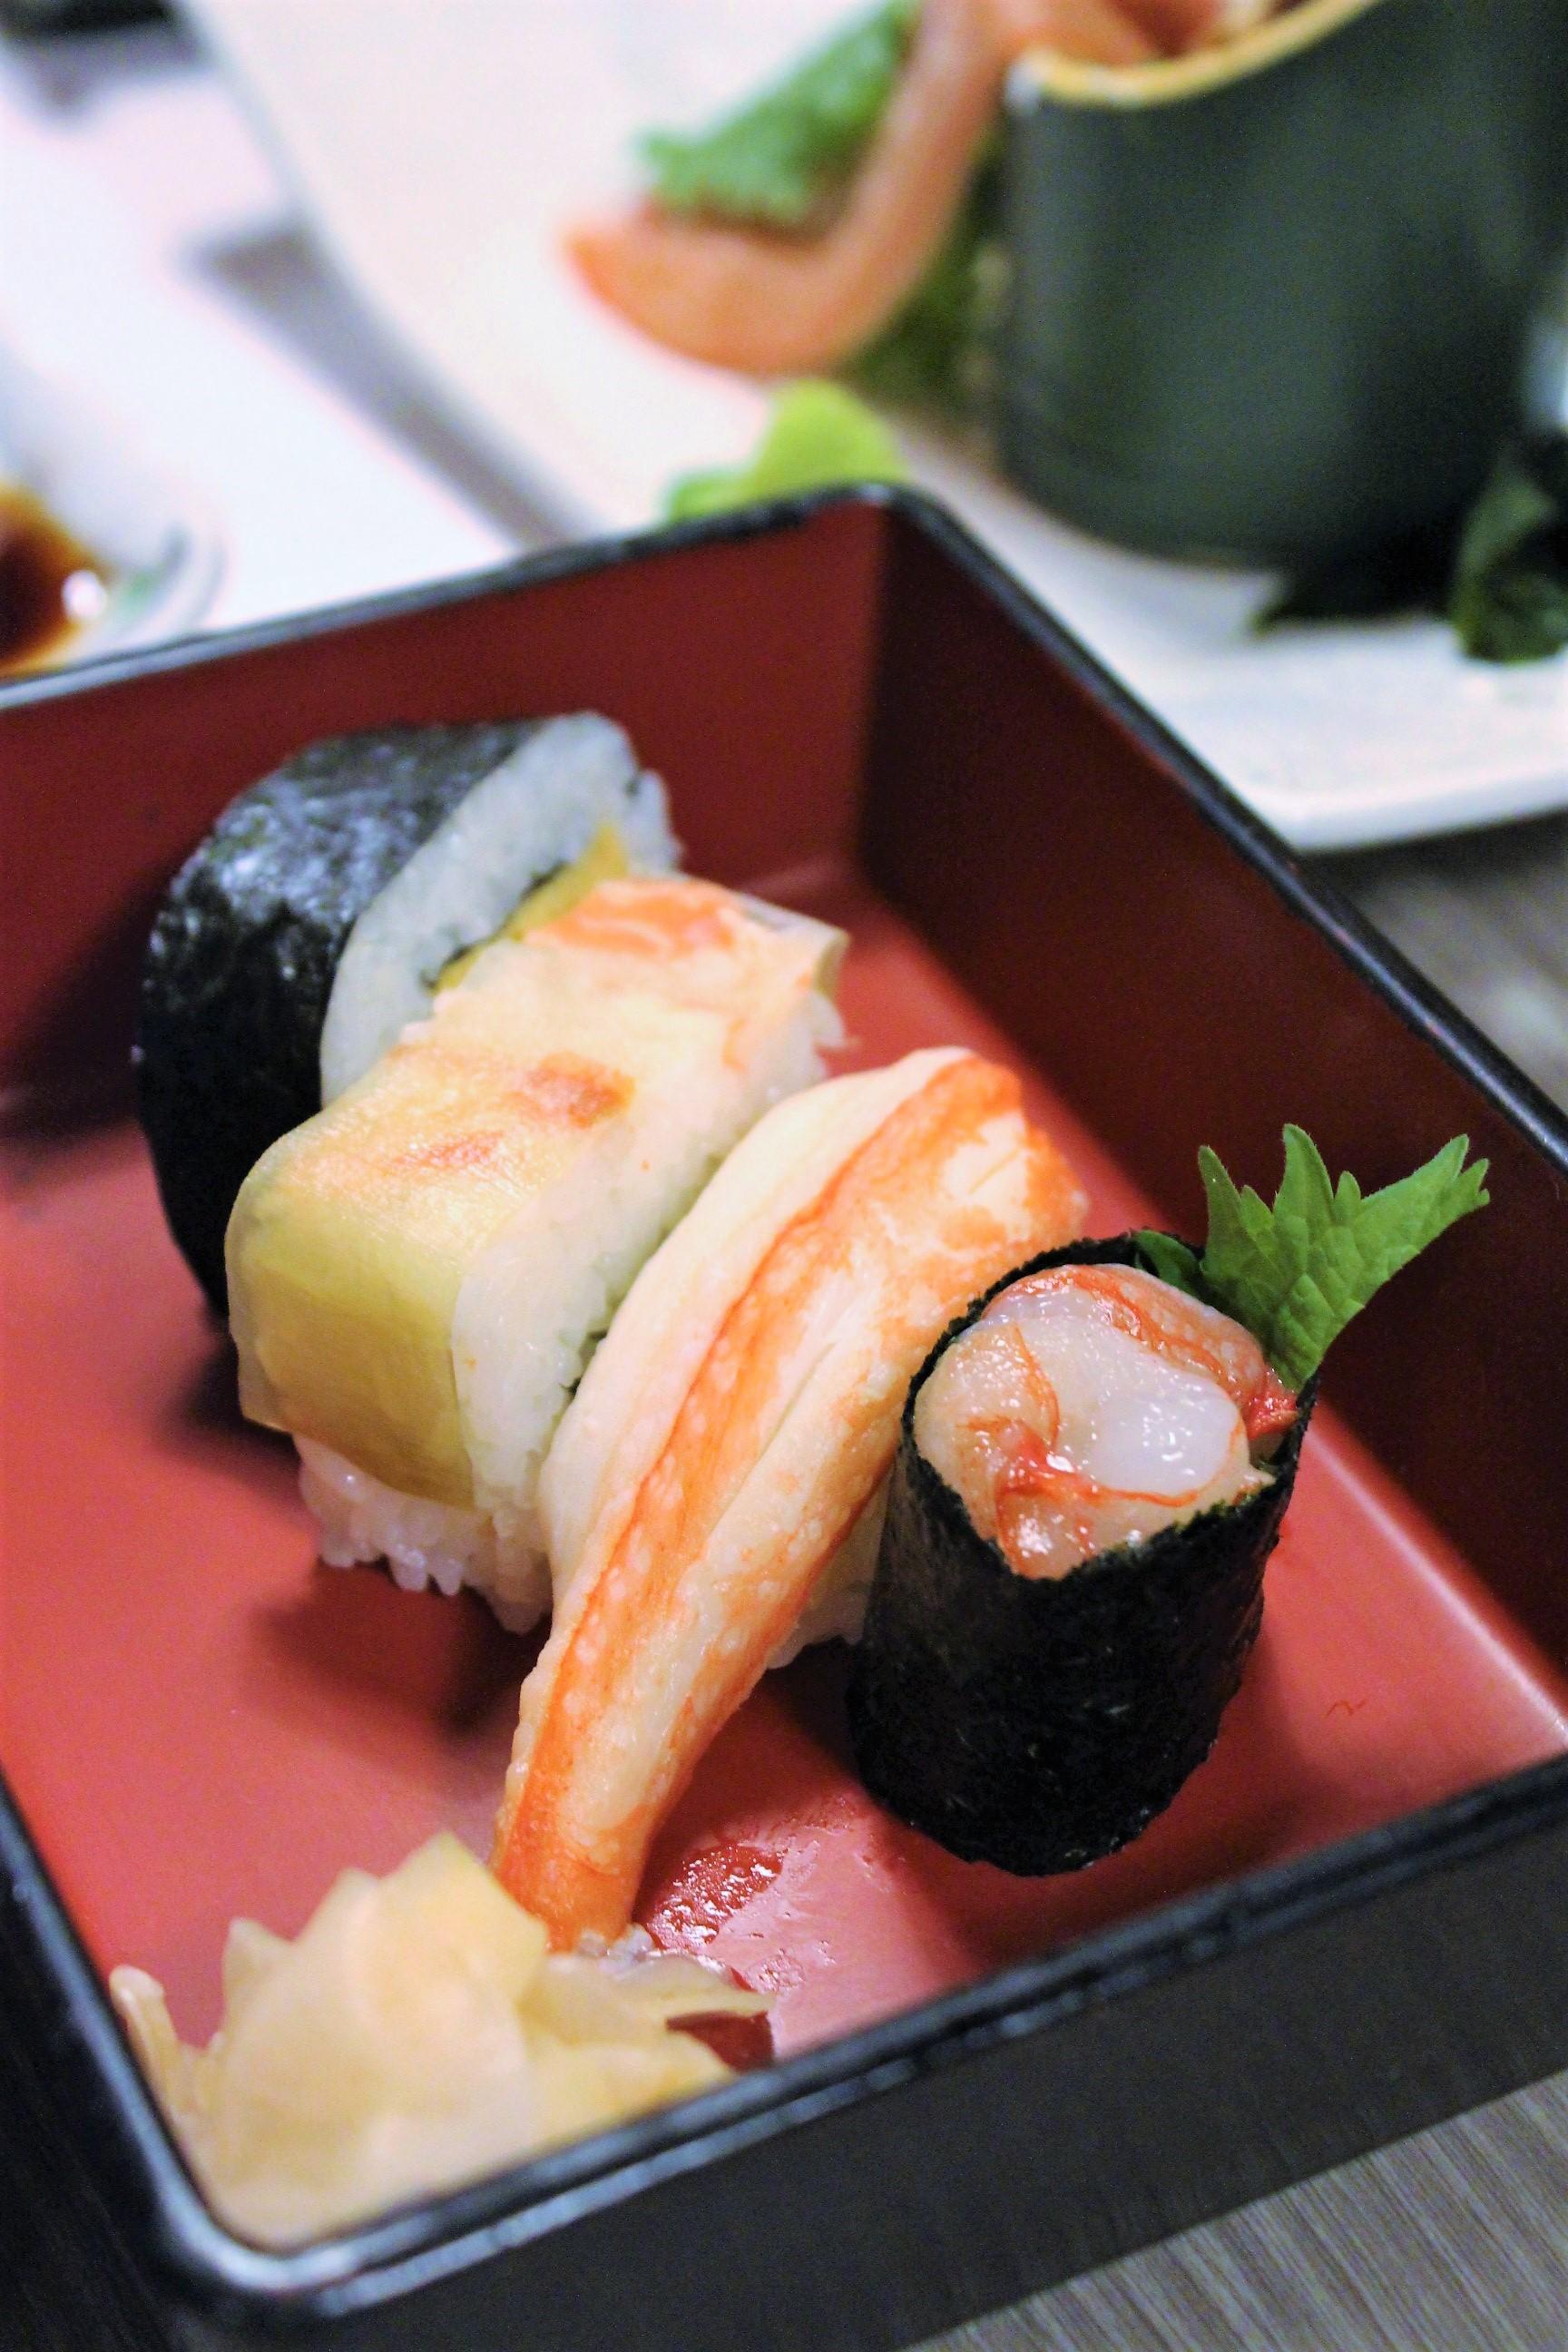 Crab Sushi at Kani Doraku Dotonbori Honten